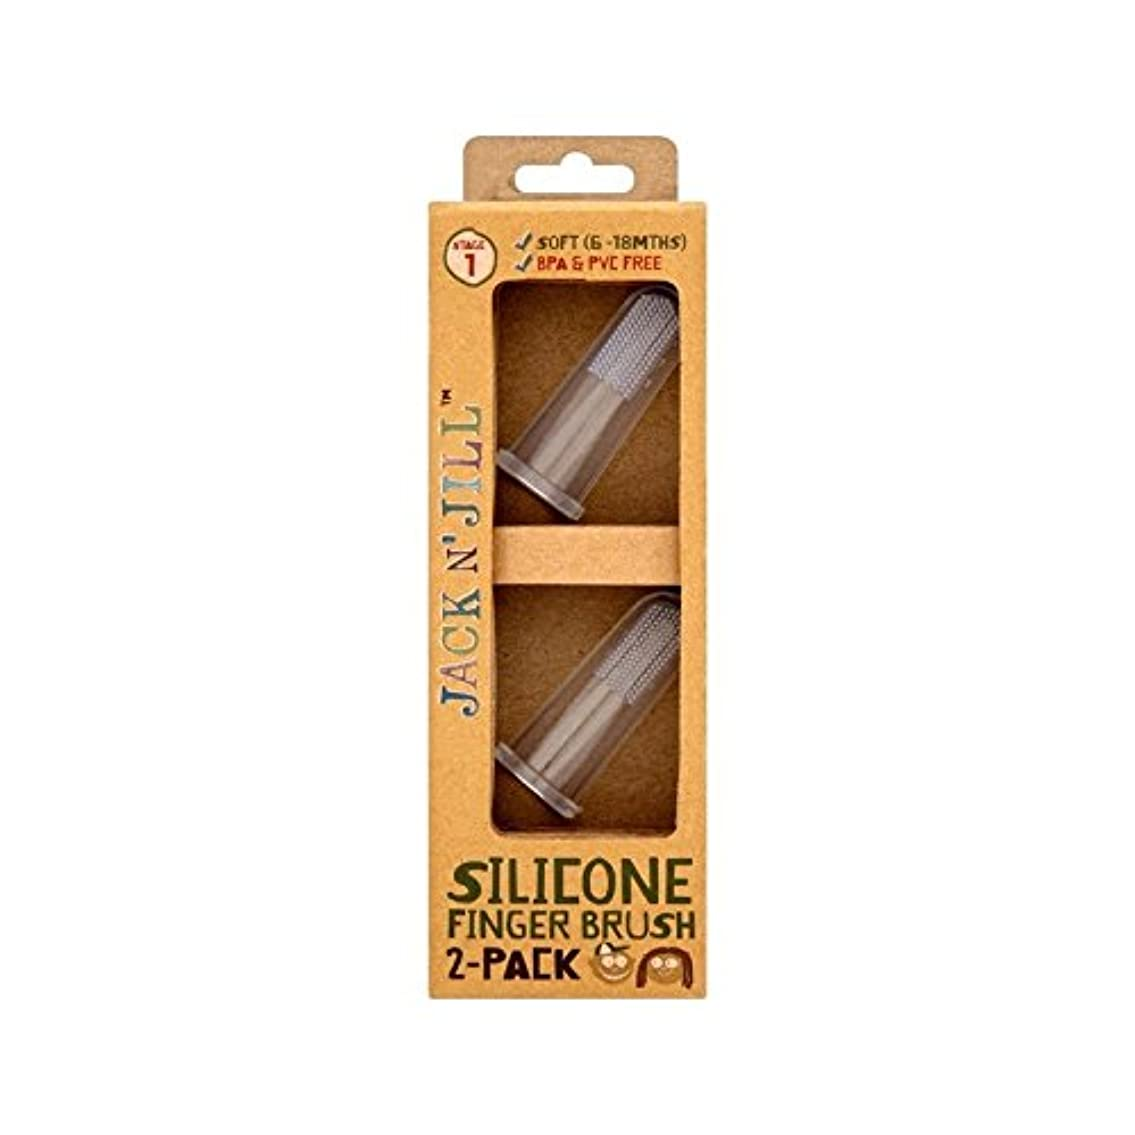 ティーム開発する回転させるシリコーン指ブラシ2パックあたりパック2 (Jack N Jill) (x 6) - Jack N' Jill Silicone Finger Brush 2 Pack 2 per pack (Pack of 6) [並行輸入品]